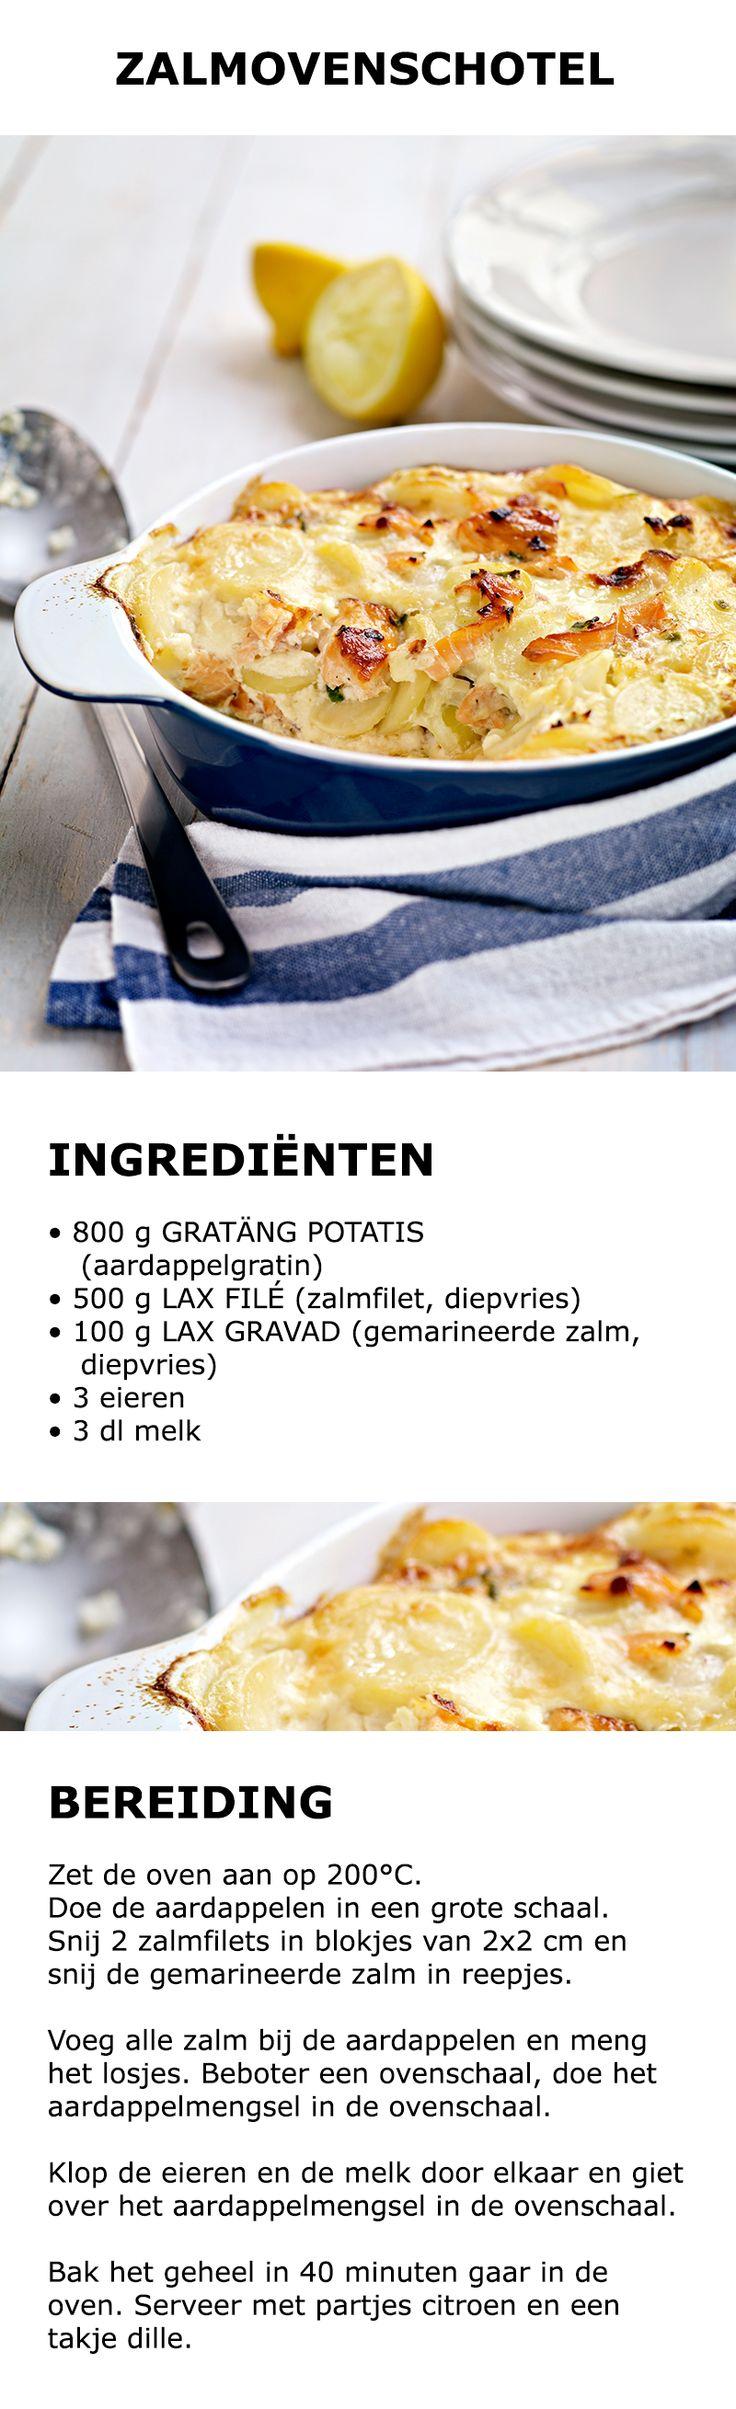 Inspiratie voor in de keuken - Zalmovenschotel | #IKEA #IKEAnl #koken #gerecht…